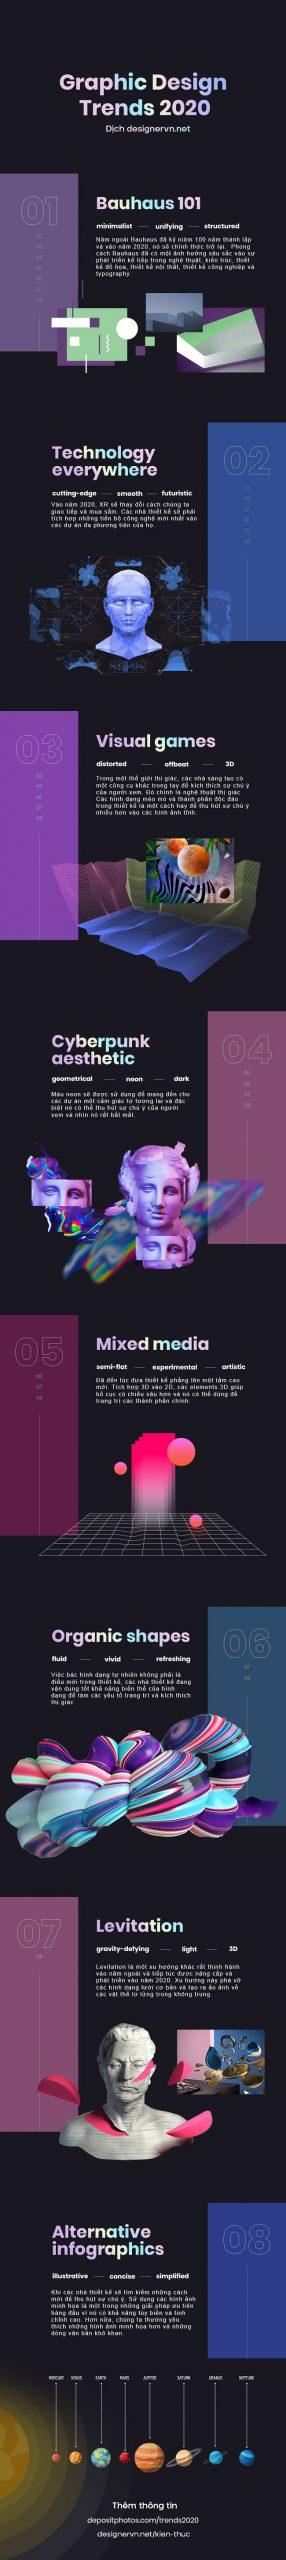 Cập nhật xu hướng Graphic Design 2020